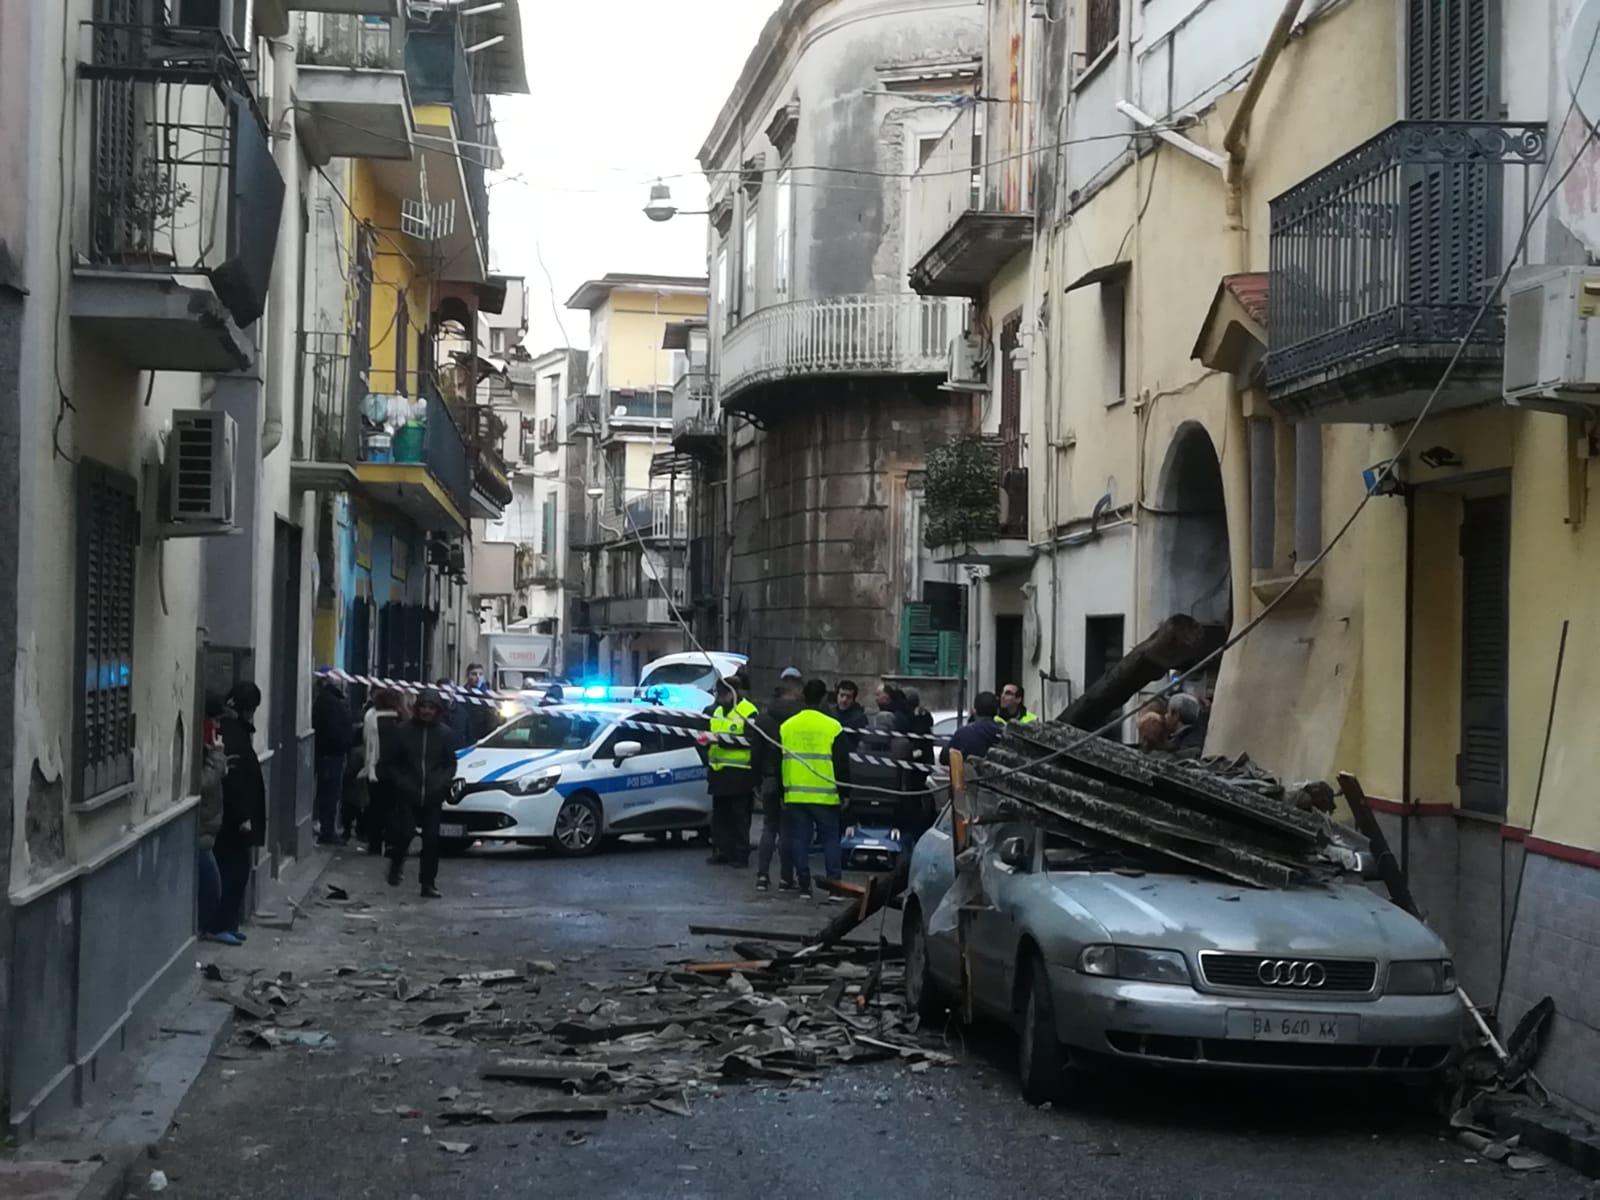 Maltempo ad Afragola, scoperchiato il tetto di una palazzina: amianto sbriciolato in strada